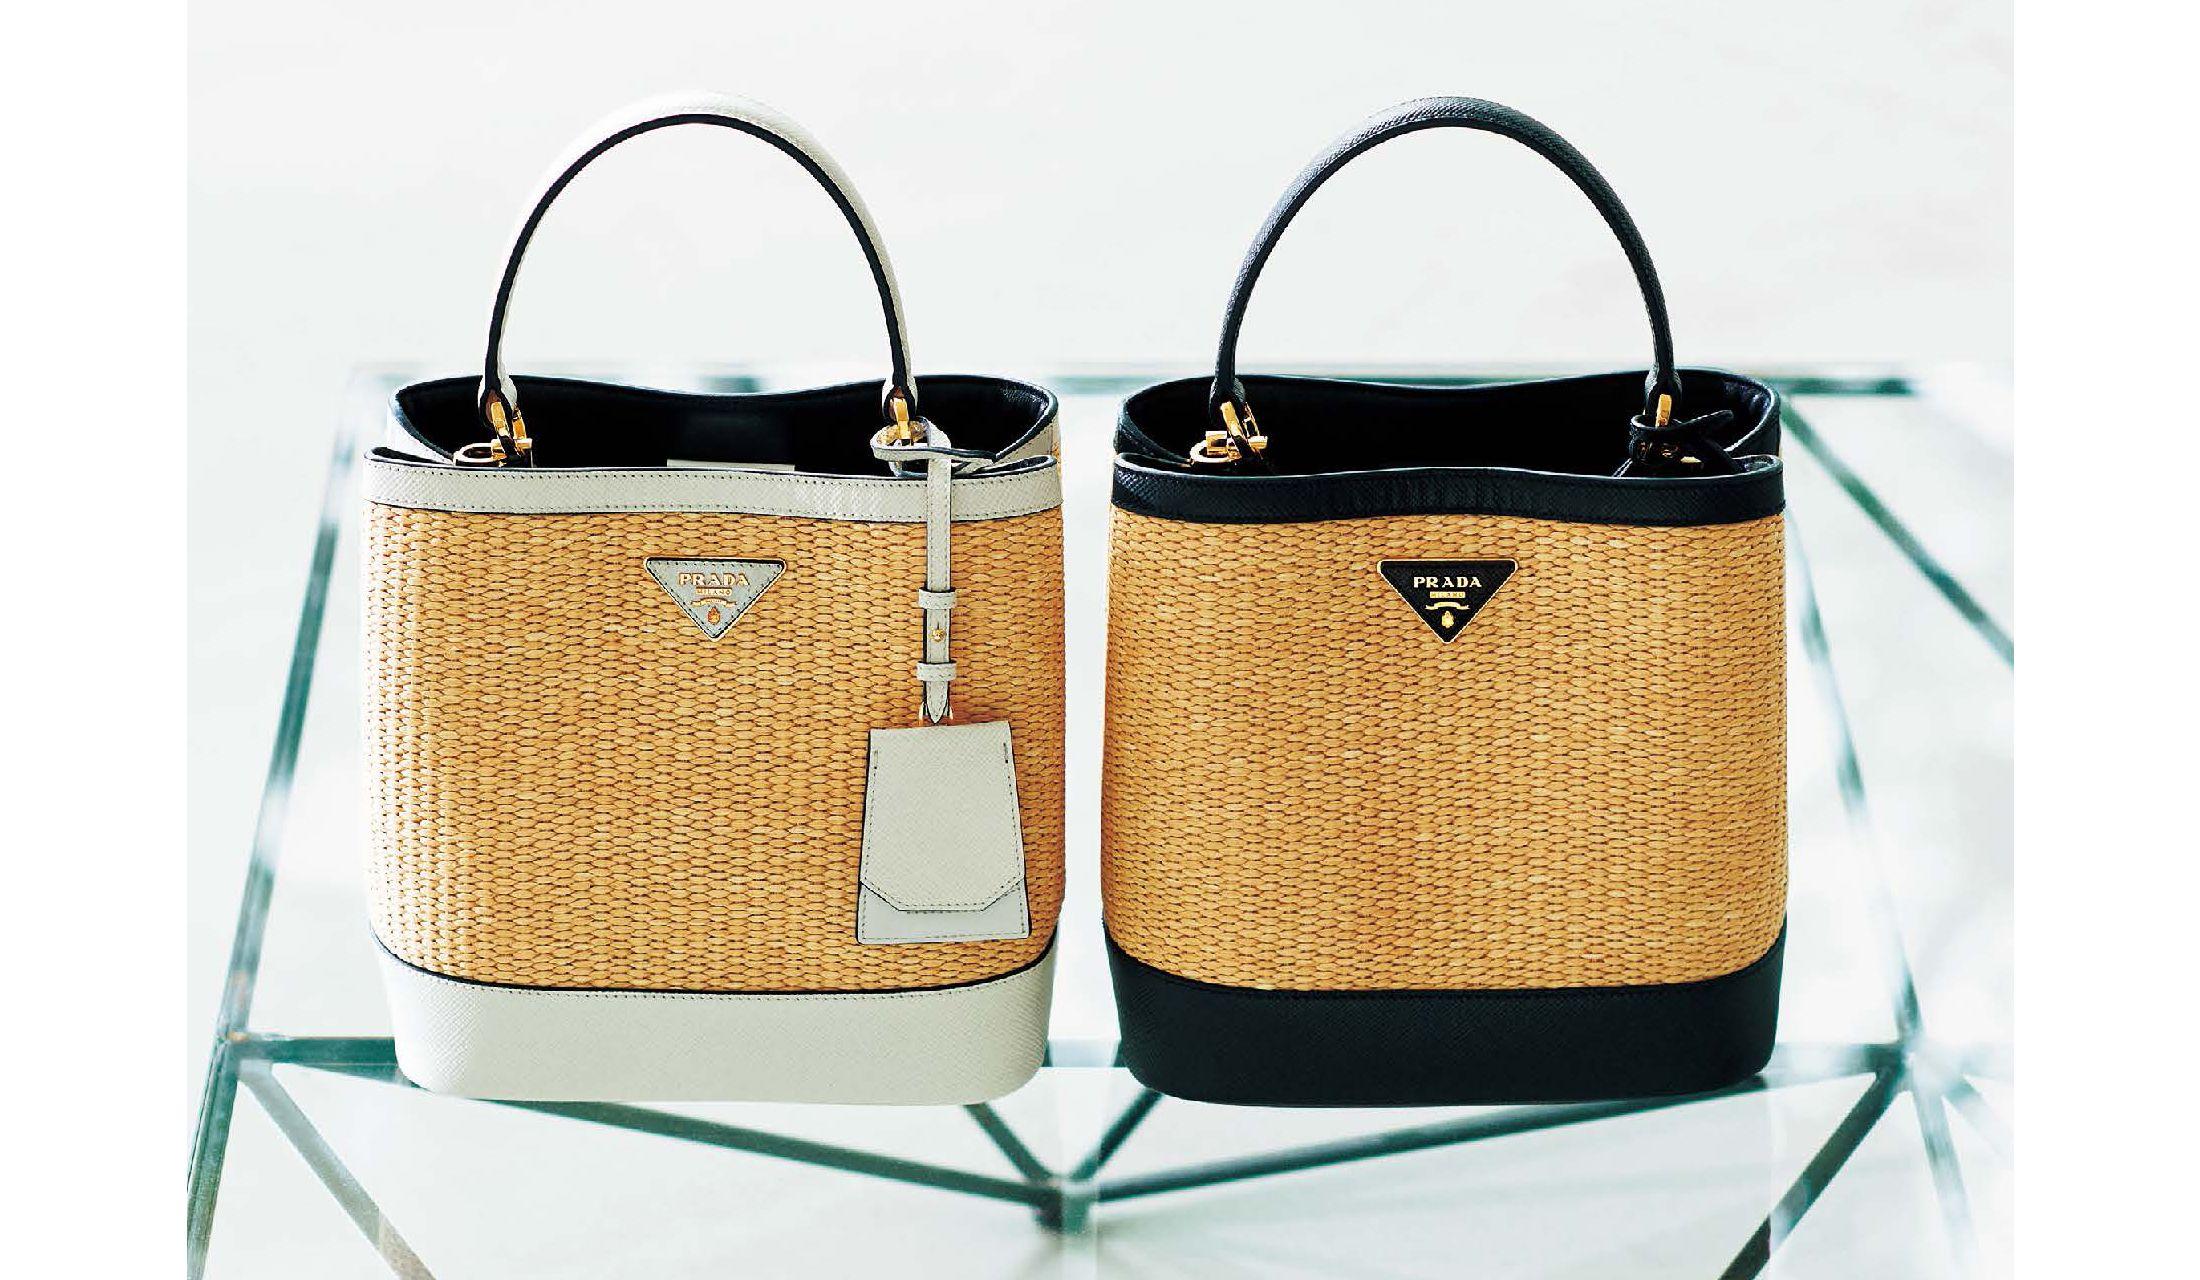 online retailer 6f0b2 b1112 プラダの上品な「かごバッグ」は、ONにもOFFにも使える優秀 ...